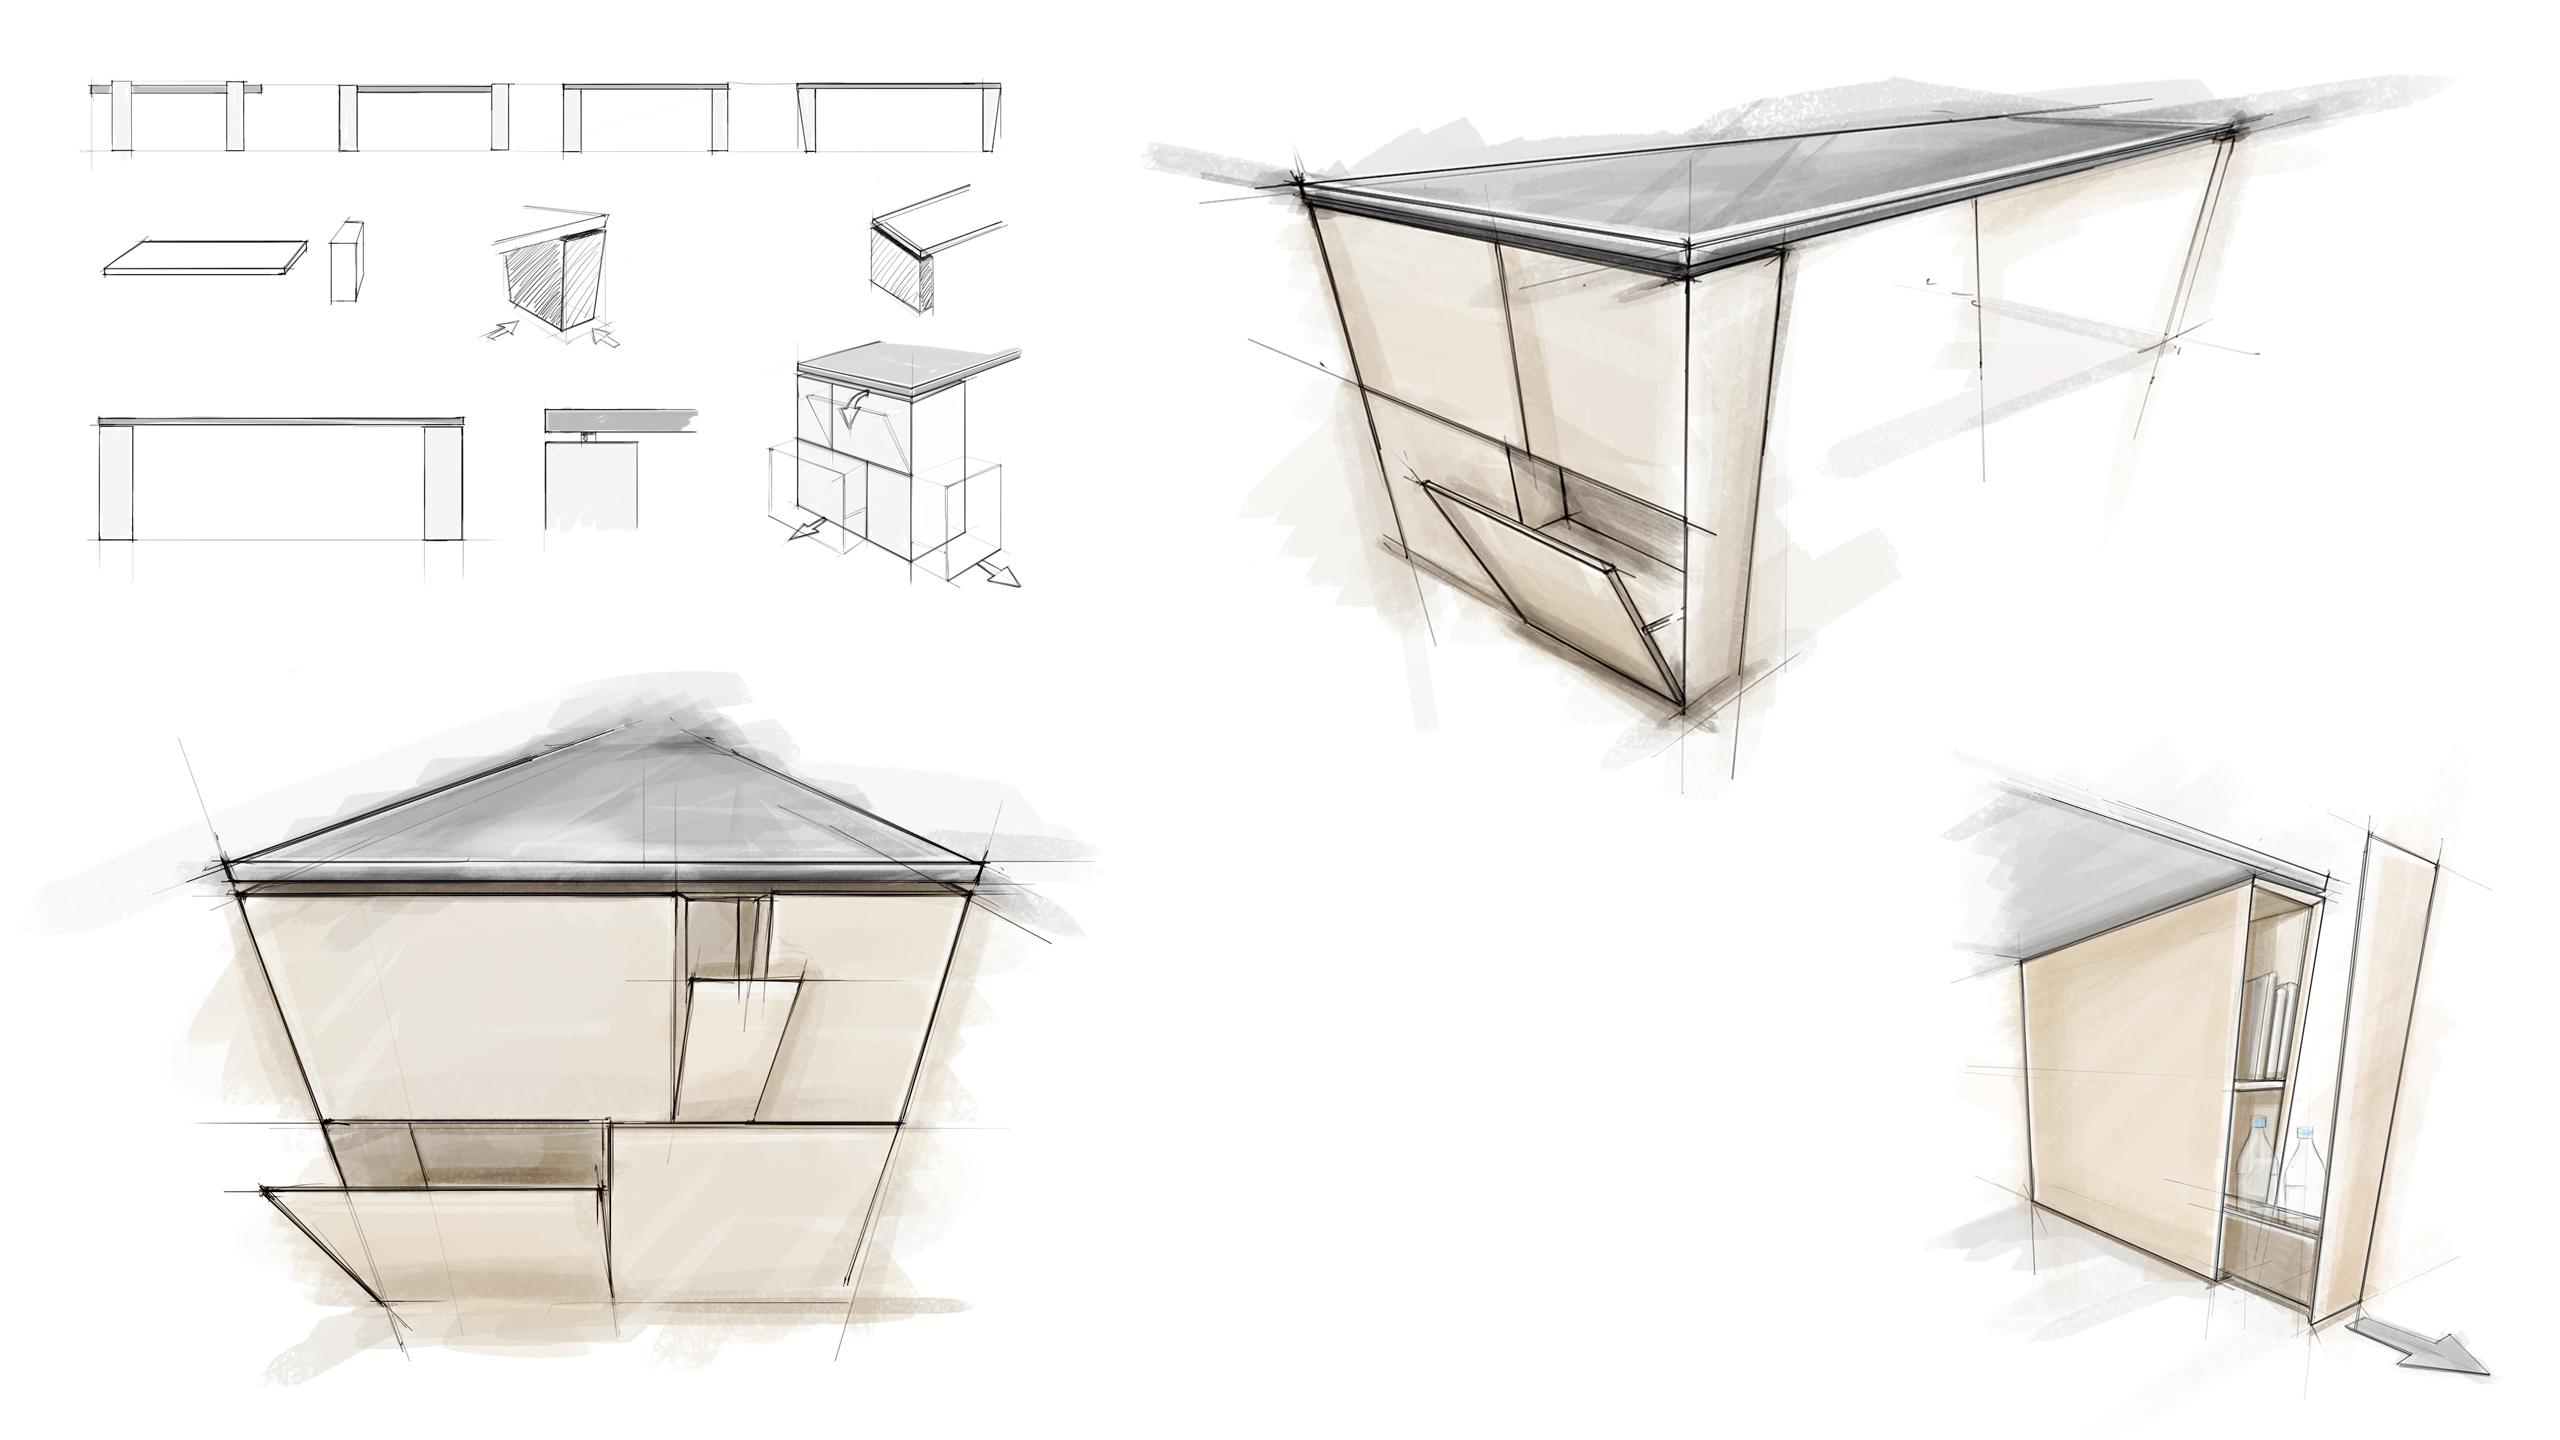 whocares_design_sacac_concretetable_v2_concept_001